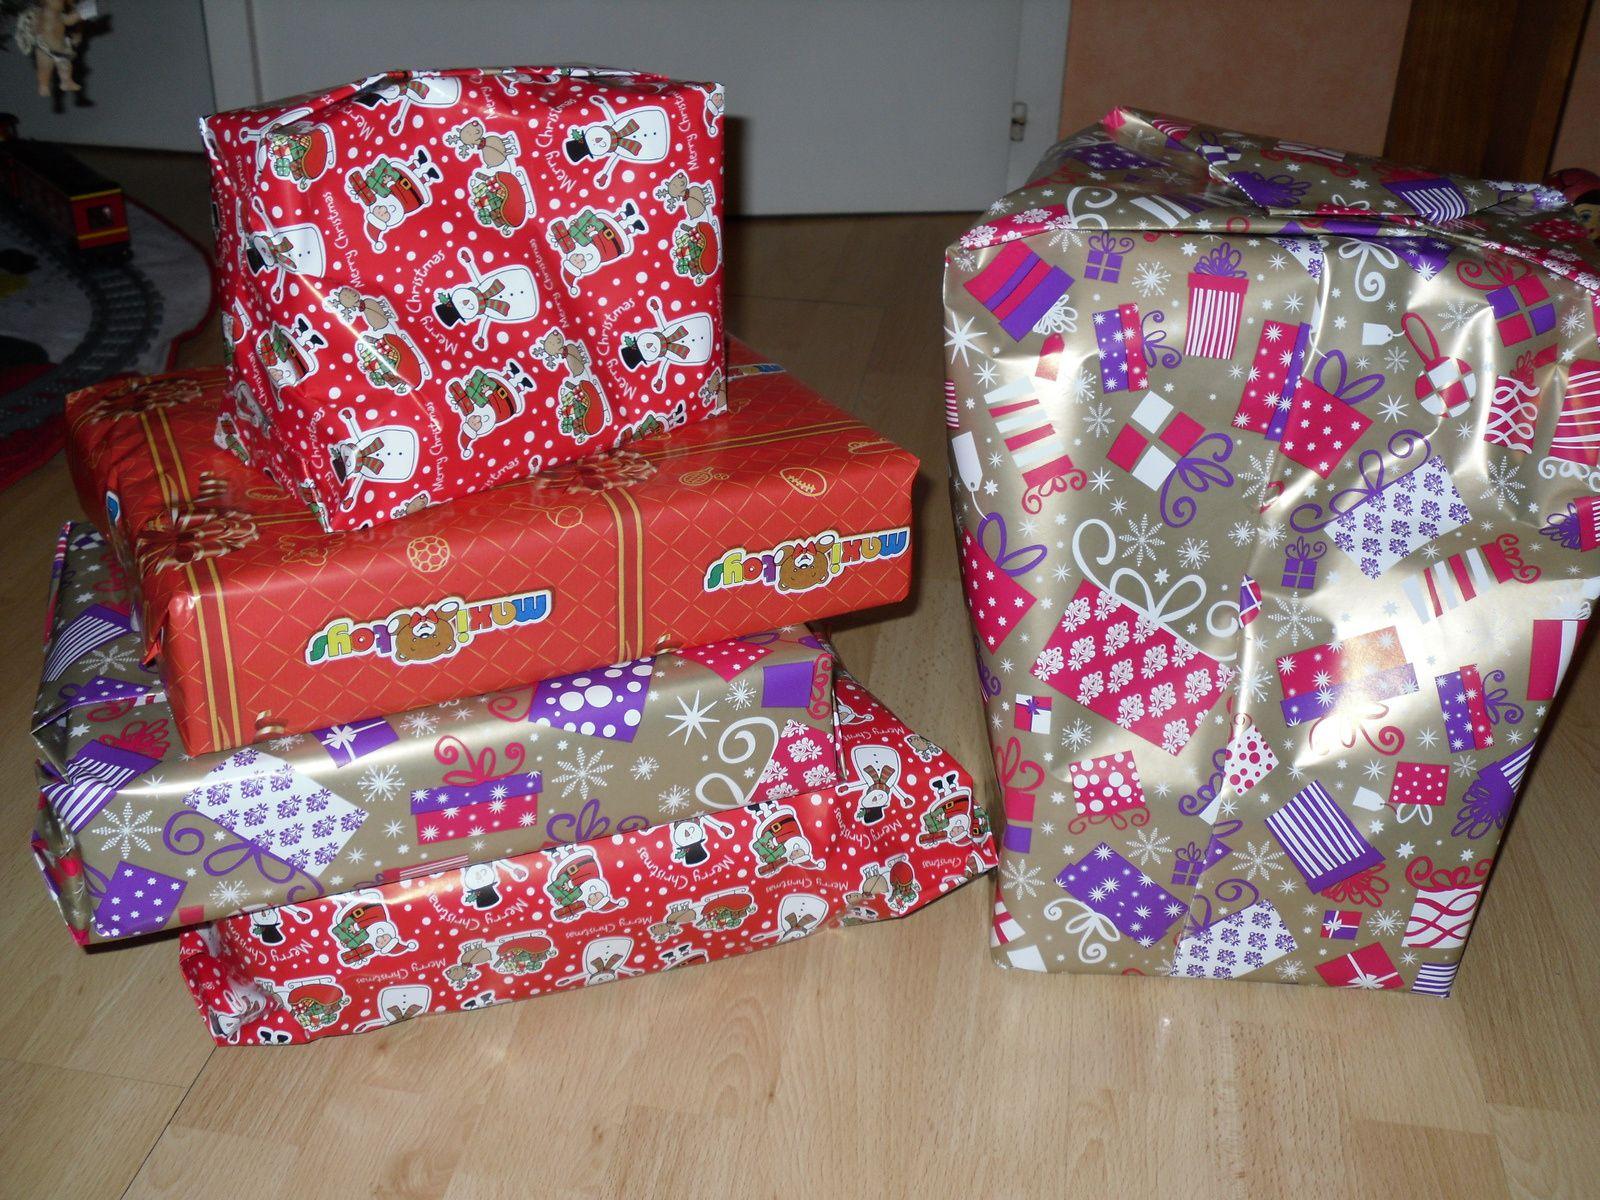 Cadeaux de noel maison d 39 assistante maternelle for Cadeaux de noel maison